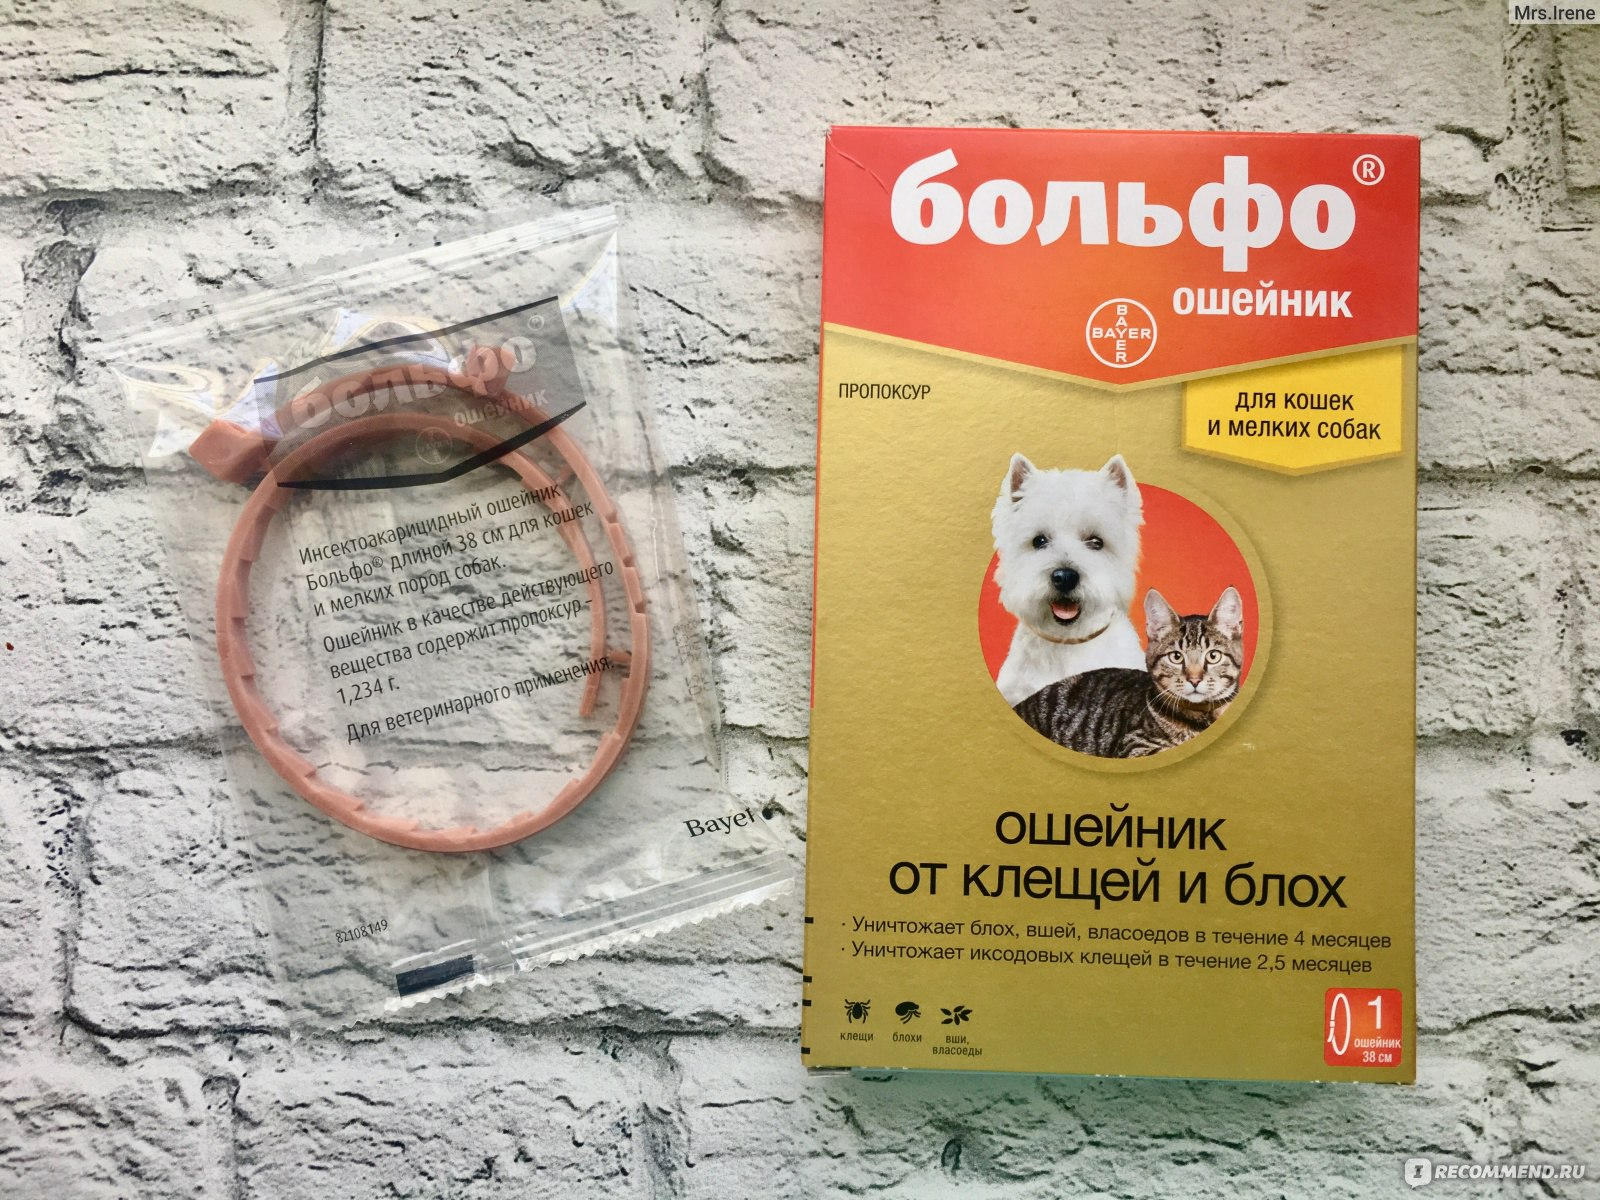 Ошейник от клещей и блох для собак: рекомендации по выбору